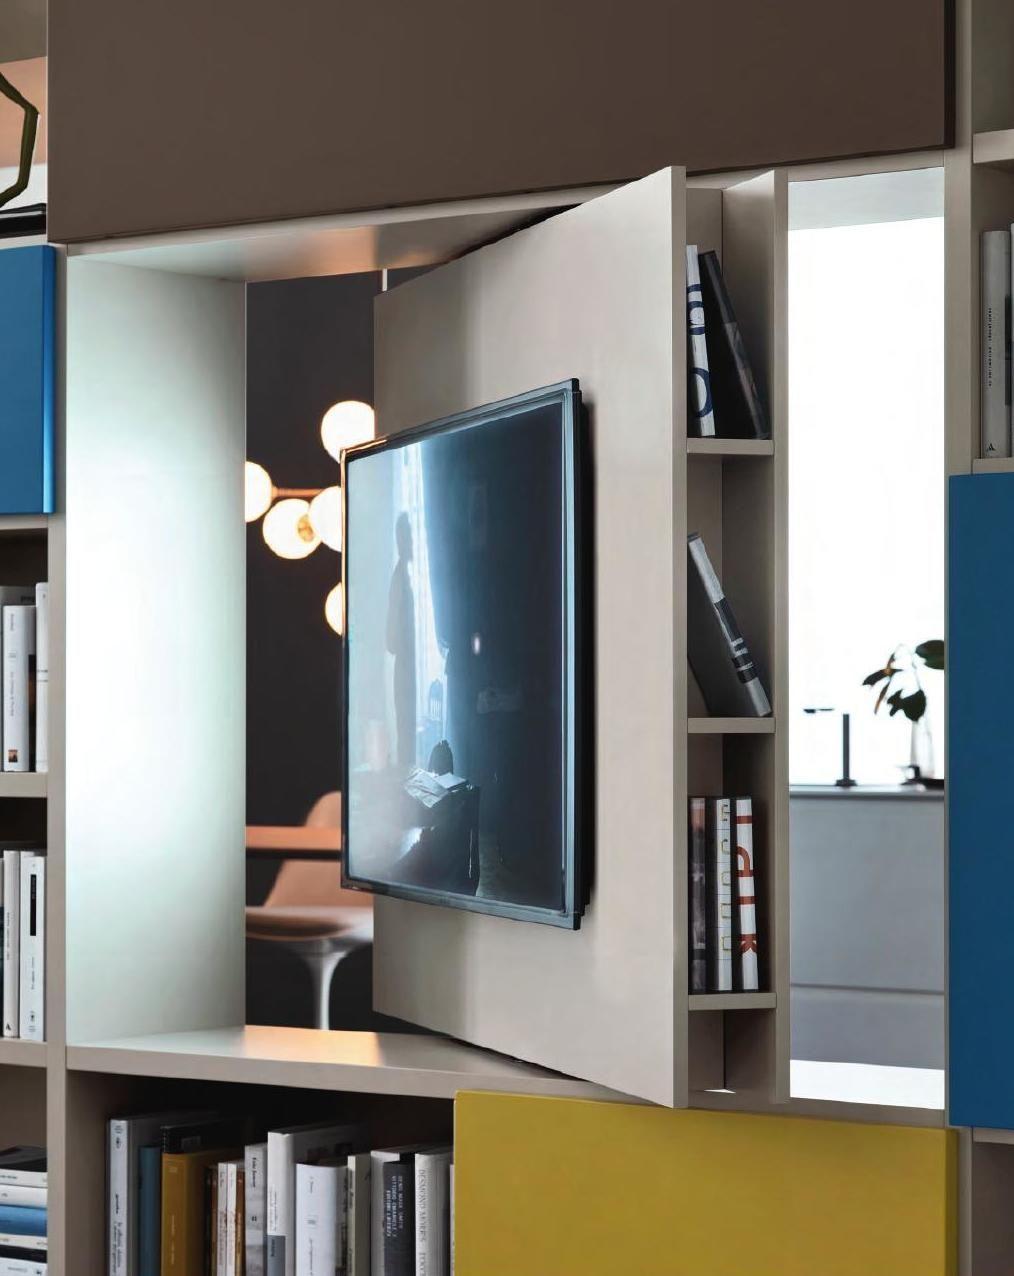 modo raumtrenner raumteiler f r kleine r ume raum raumteiler und wohnzimmer. Black Bedroom Furniture Sets. Home Design Ideas